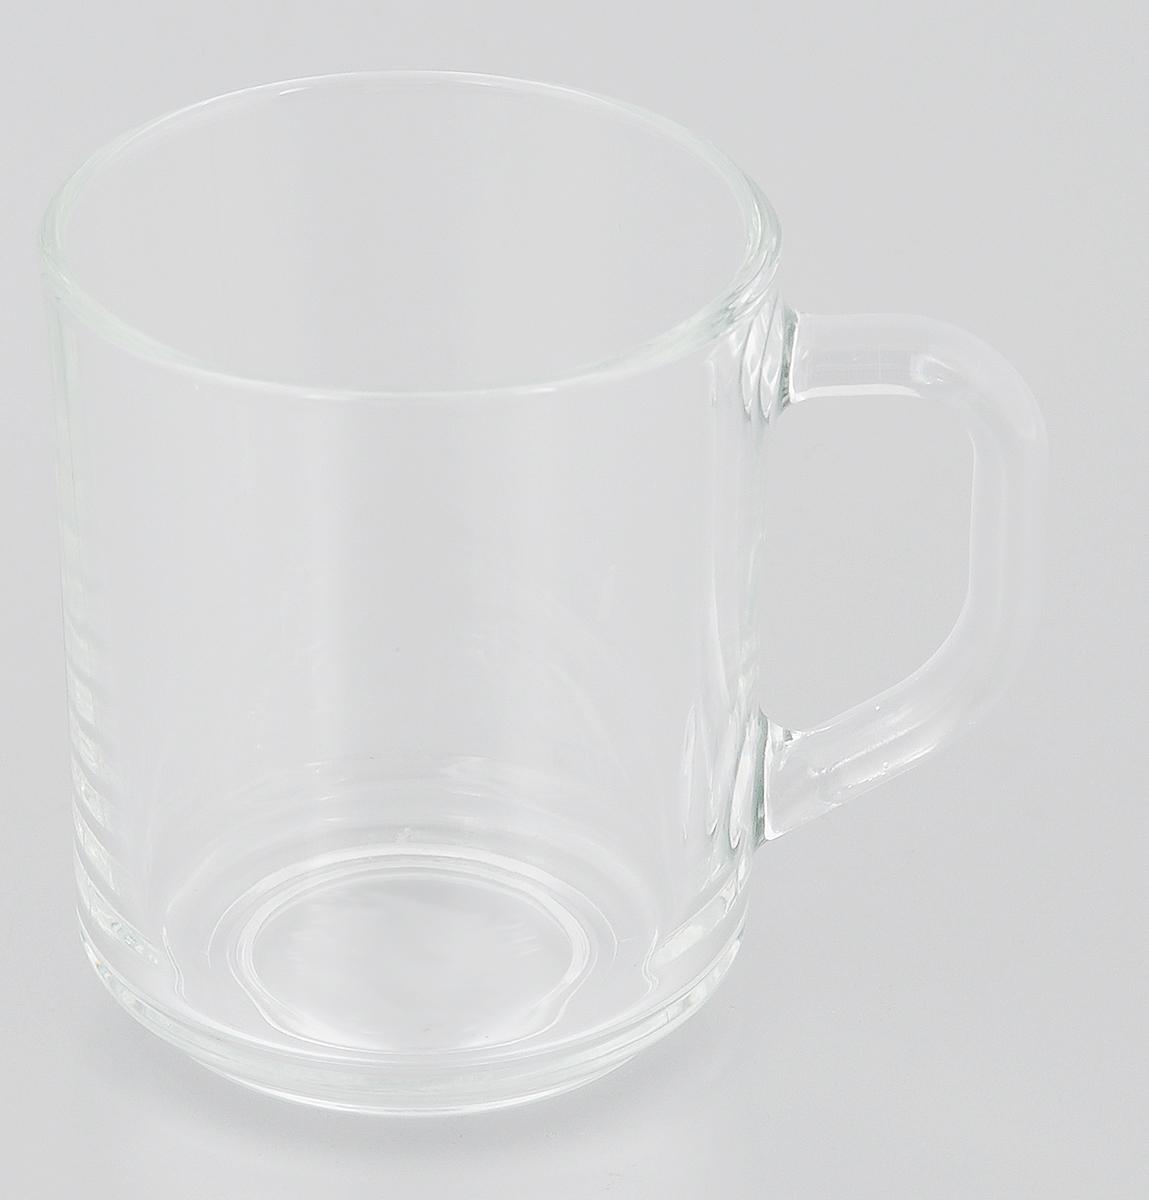 Кружка Luminarc, 250 млH8437Кружка Luminarc изготовлена из упрочненного стекла. Такая кружка прекрасно подойдет для горячих и холодных напитков. Она дополнит коллекцию вашей кухонной посуды и будет служить долгие годы. Диаметр кружки (по верхнему краю): 7,4 см. Высота кружки: 9,5 см.